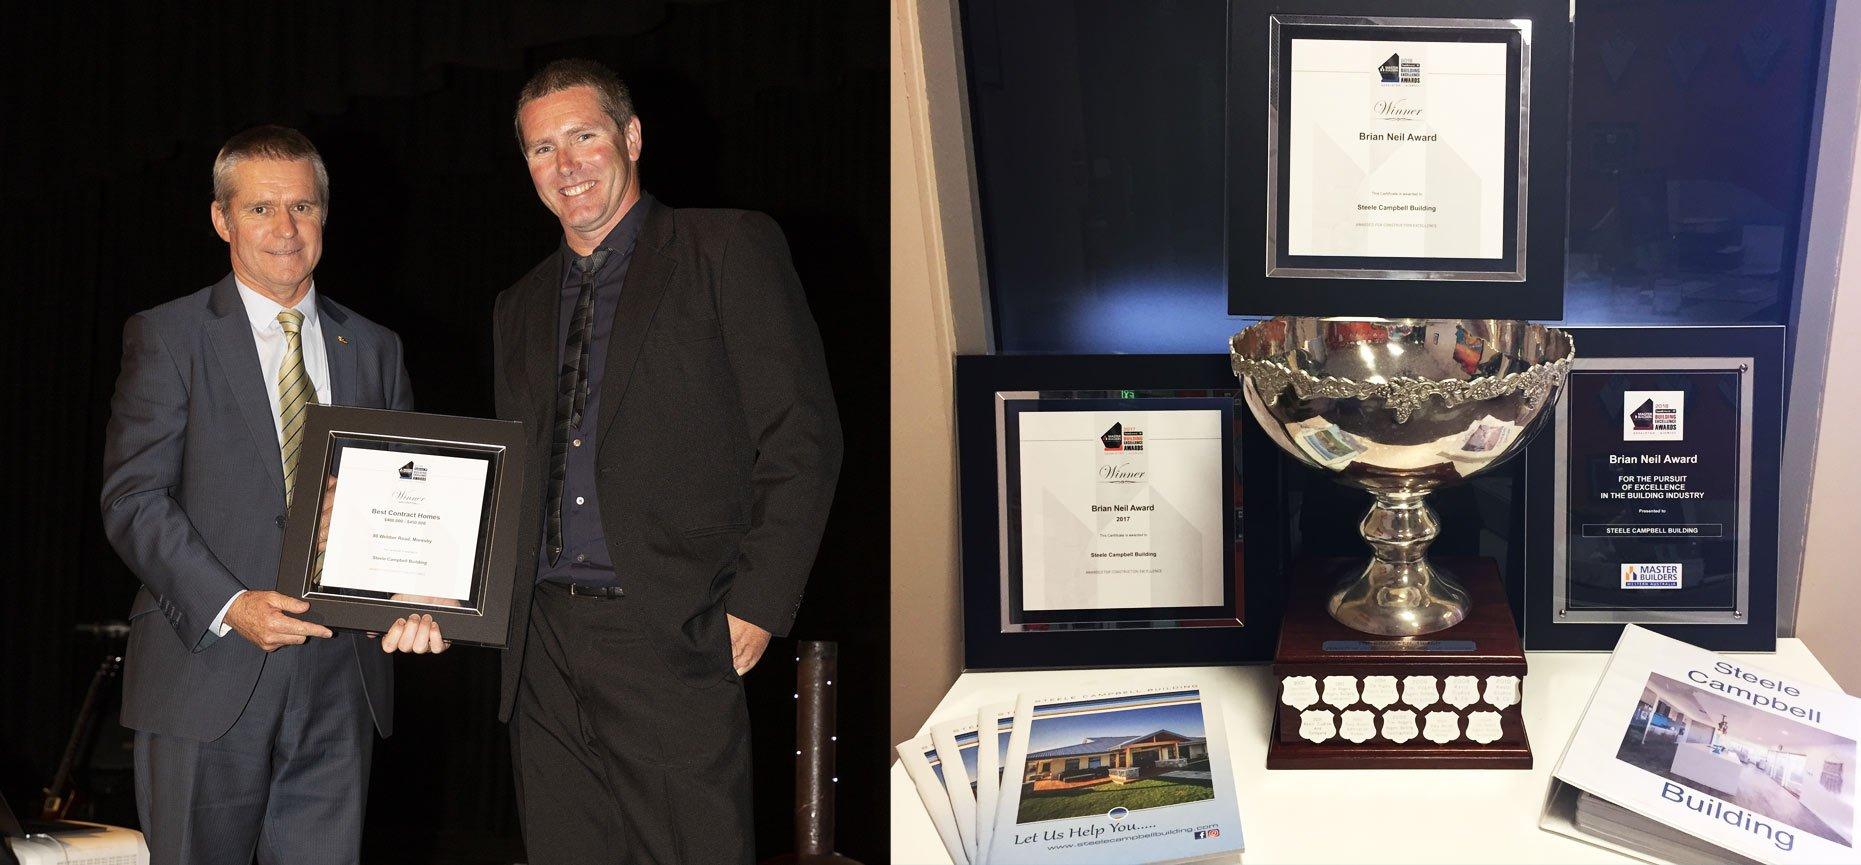 Geraldton Builder Aaron Campbell accepting an award